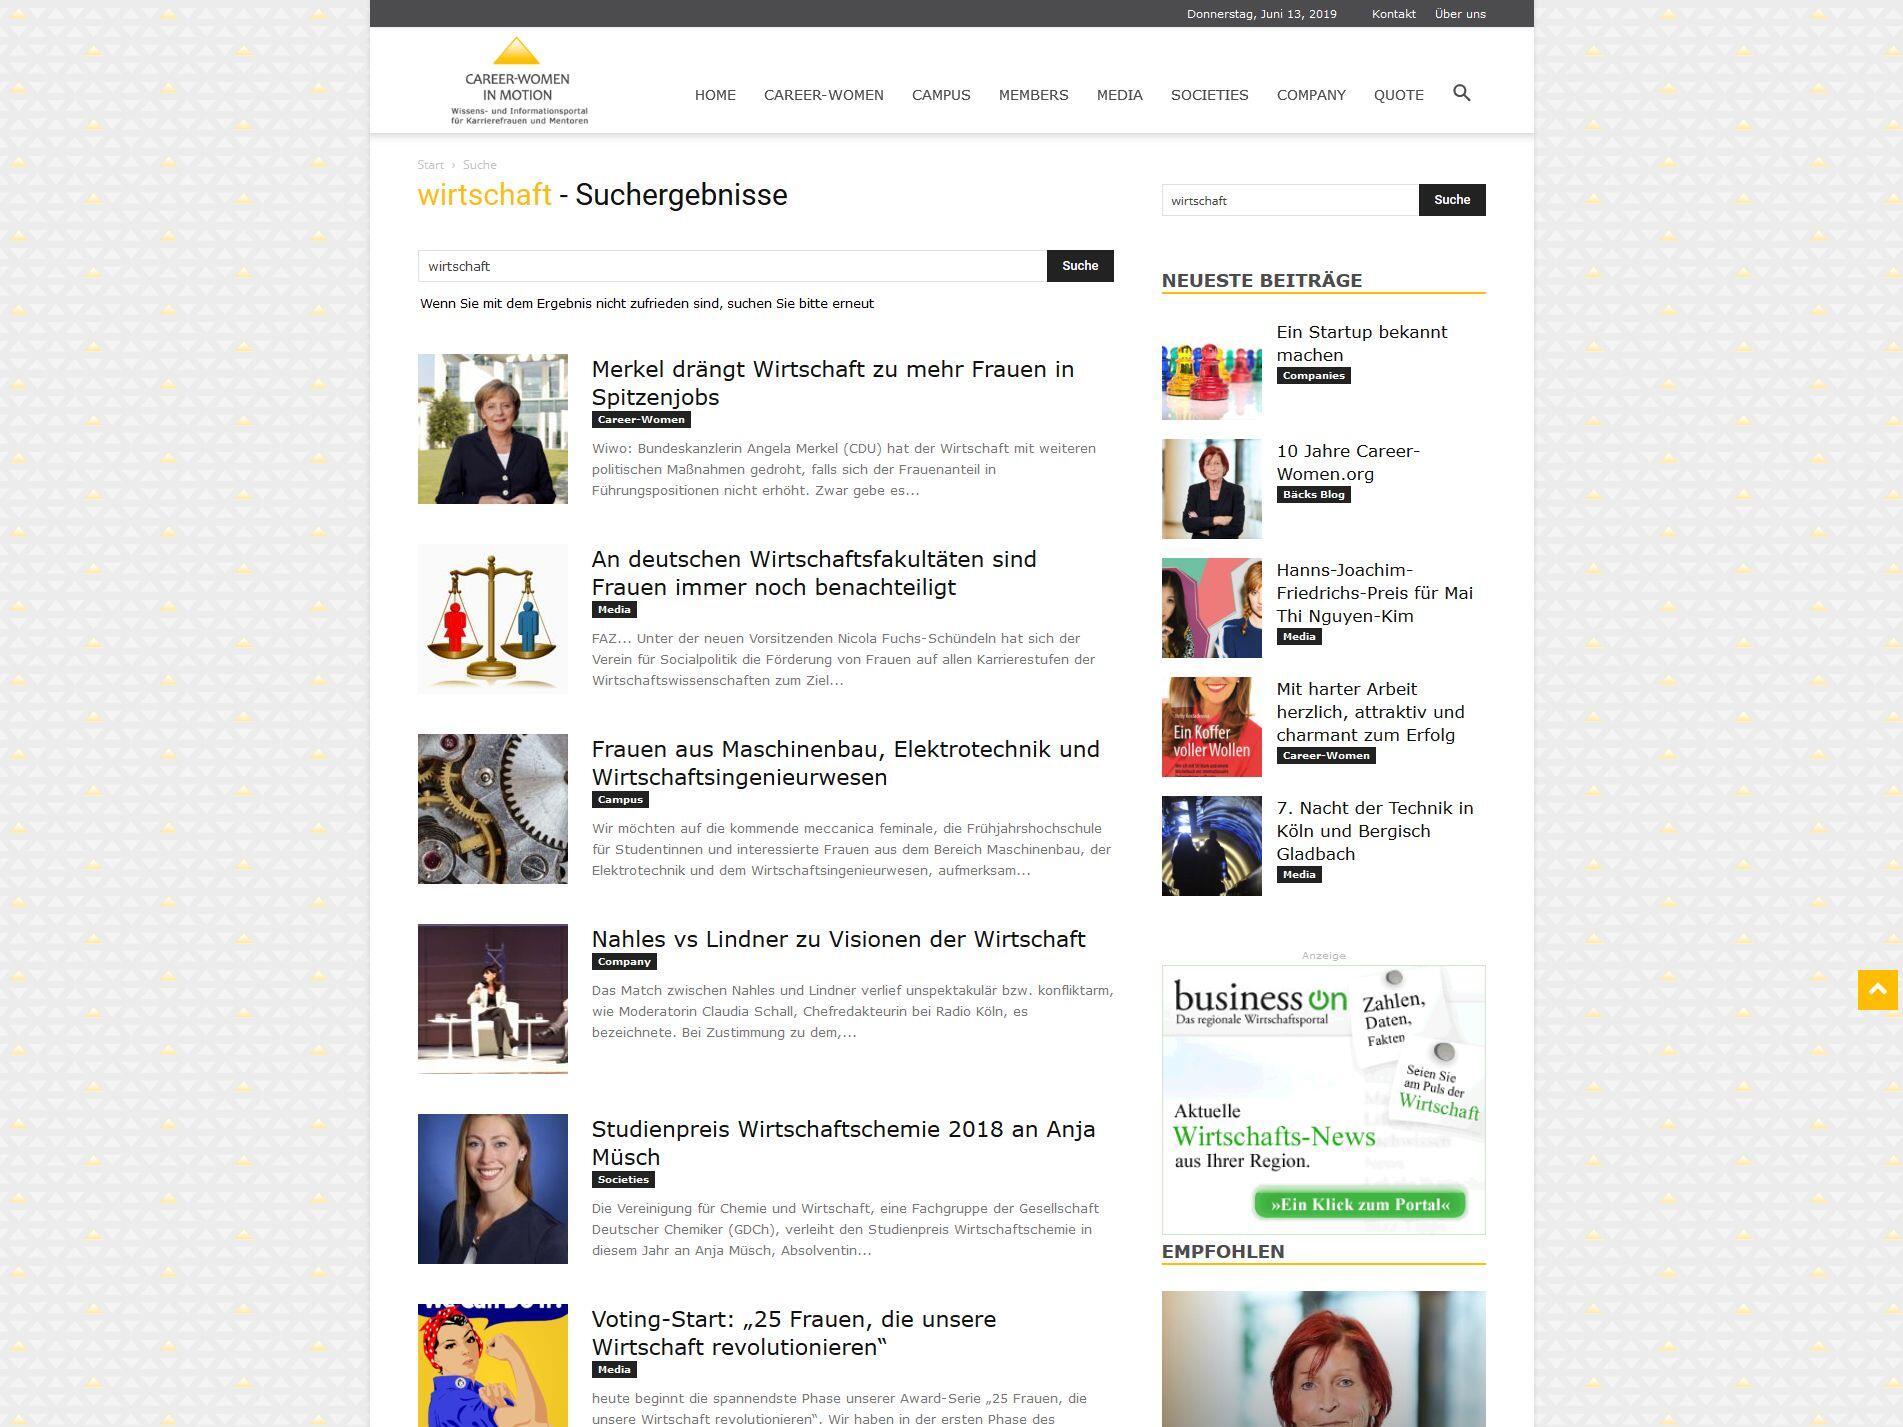 Referenz career-women.org